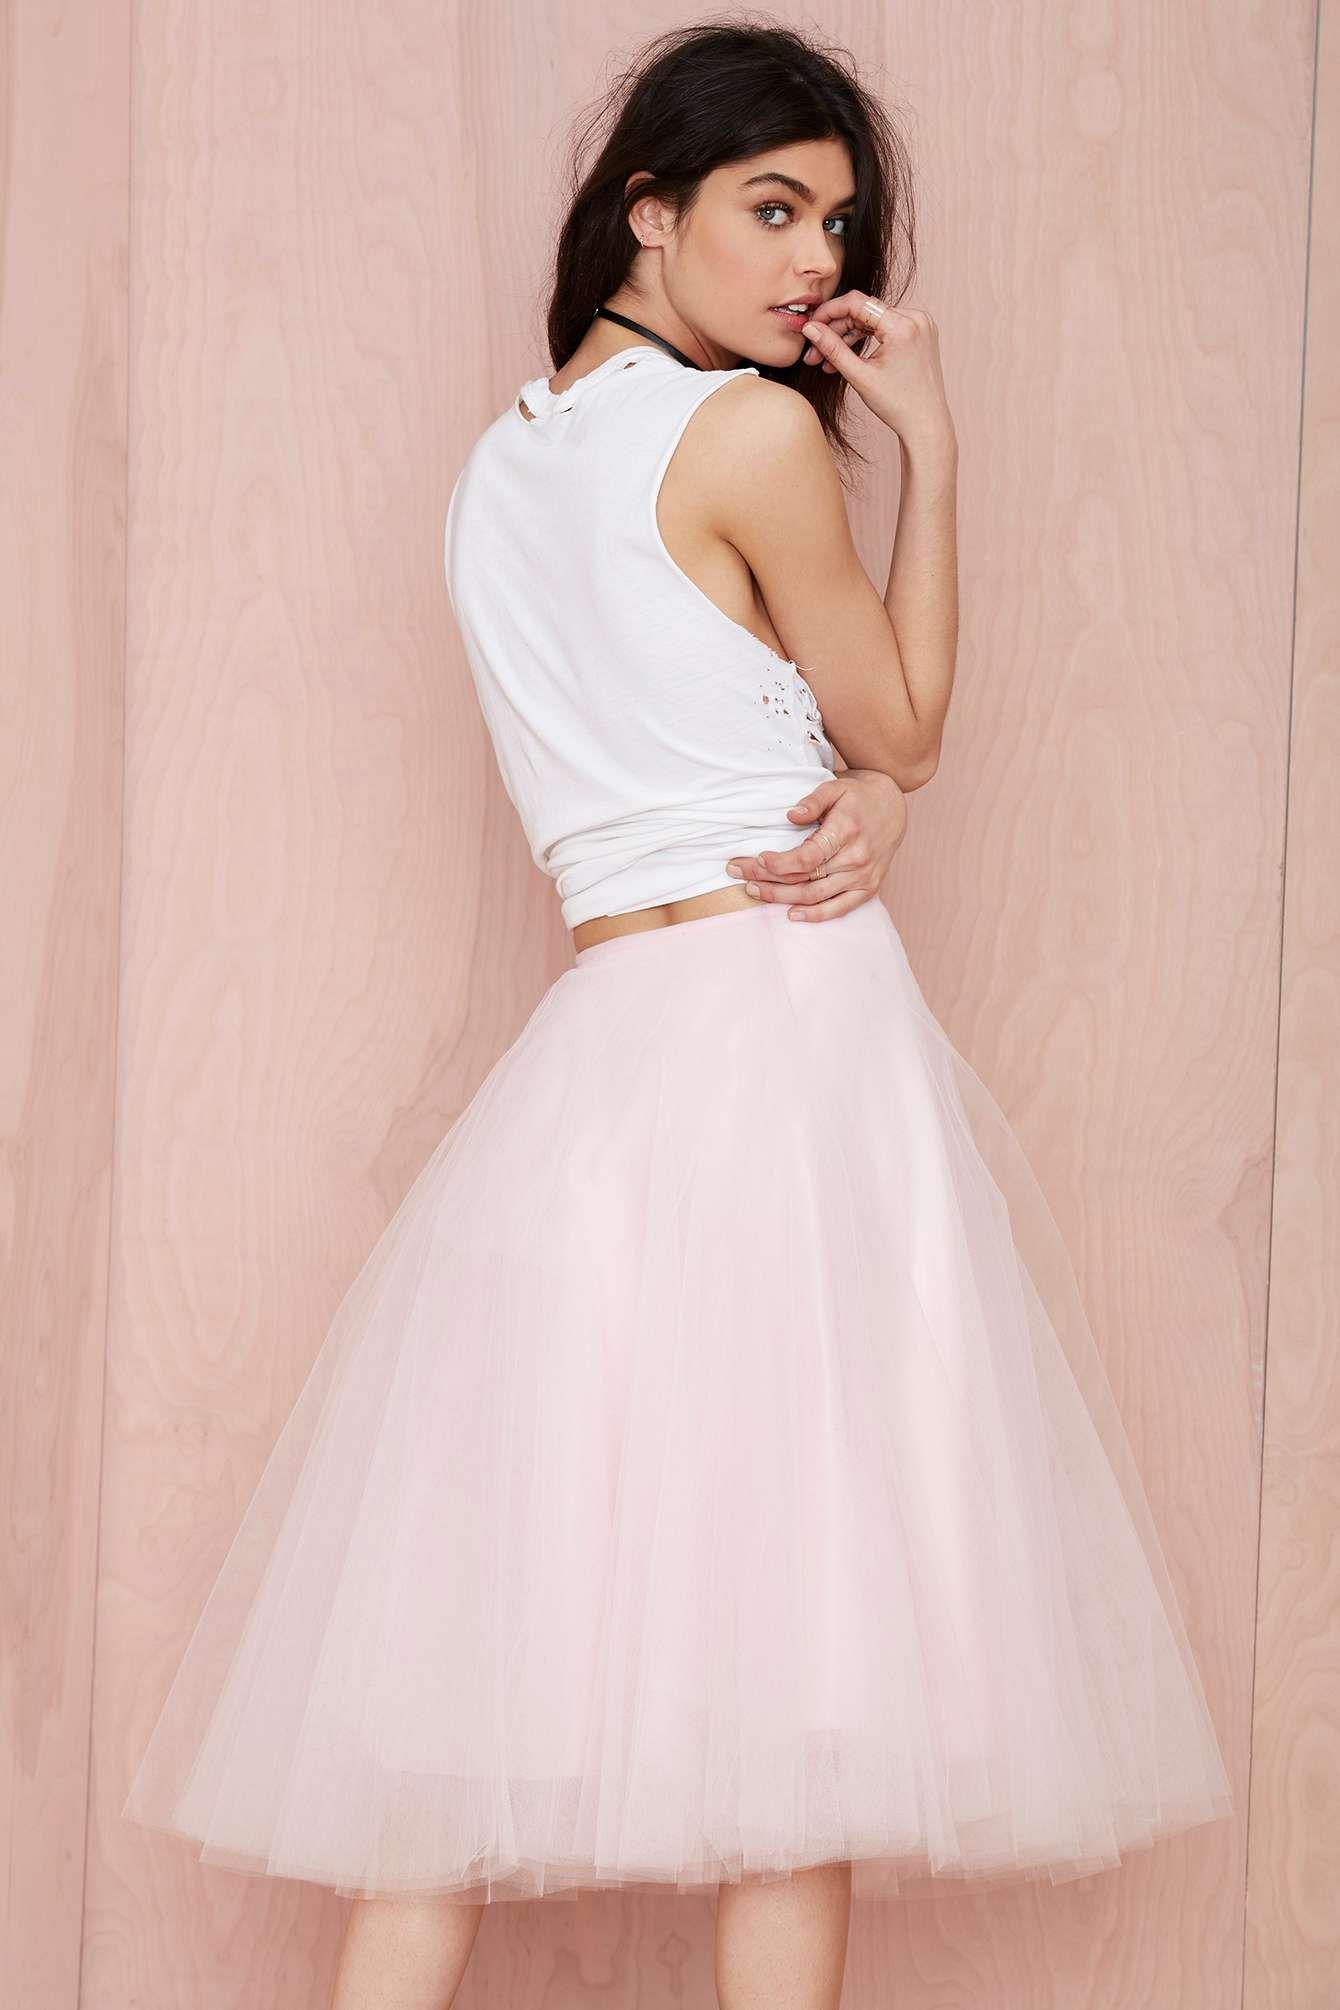 Tulle Skirt   encantador   Pinterest   Falda, Tul y Outfits con faldas